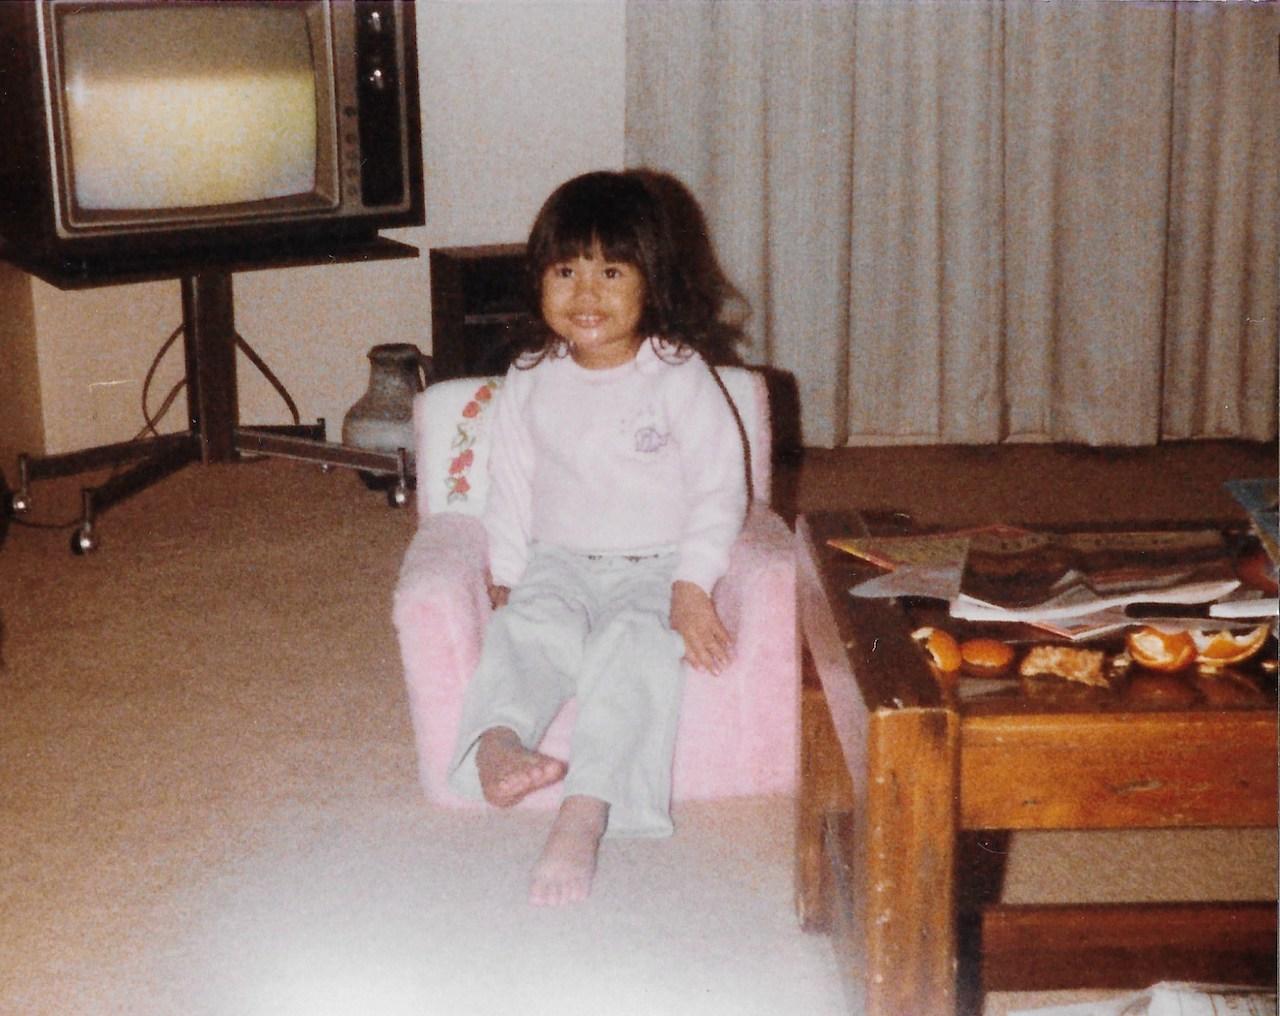 little girl in a living room